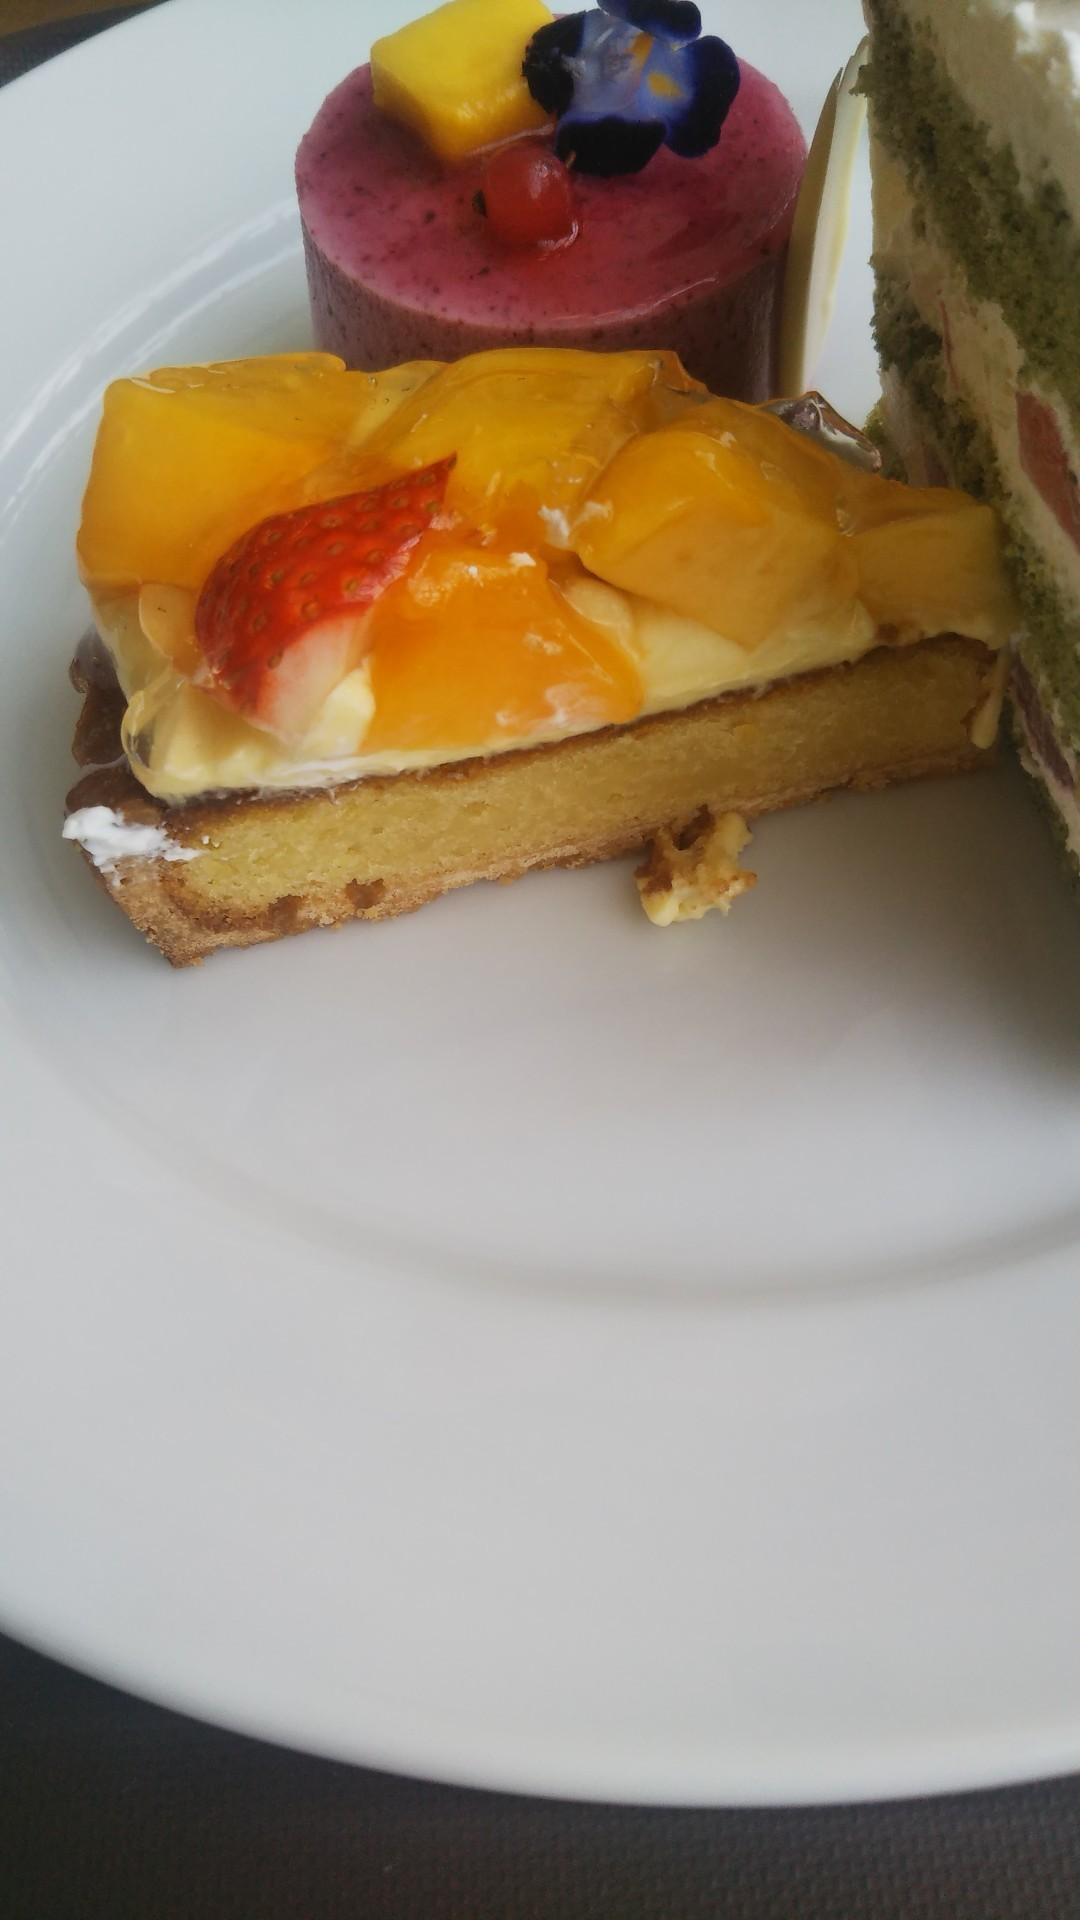 シャトレーゼ ガトーキングダムサッポロ ヴィーニュ Dessert Buffet~夏のべジスイーツフェア~_f0076001_23482679.jpg